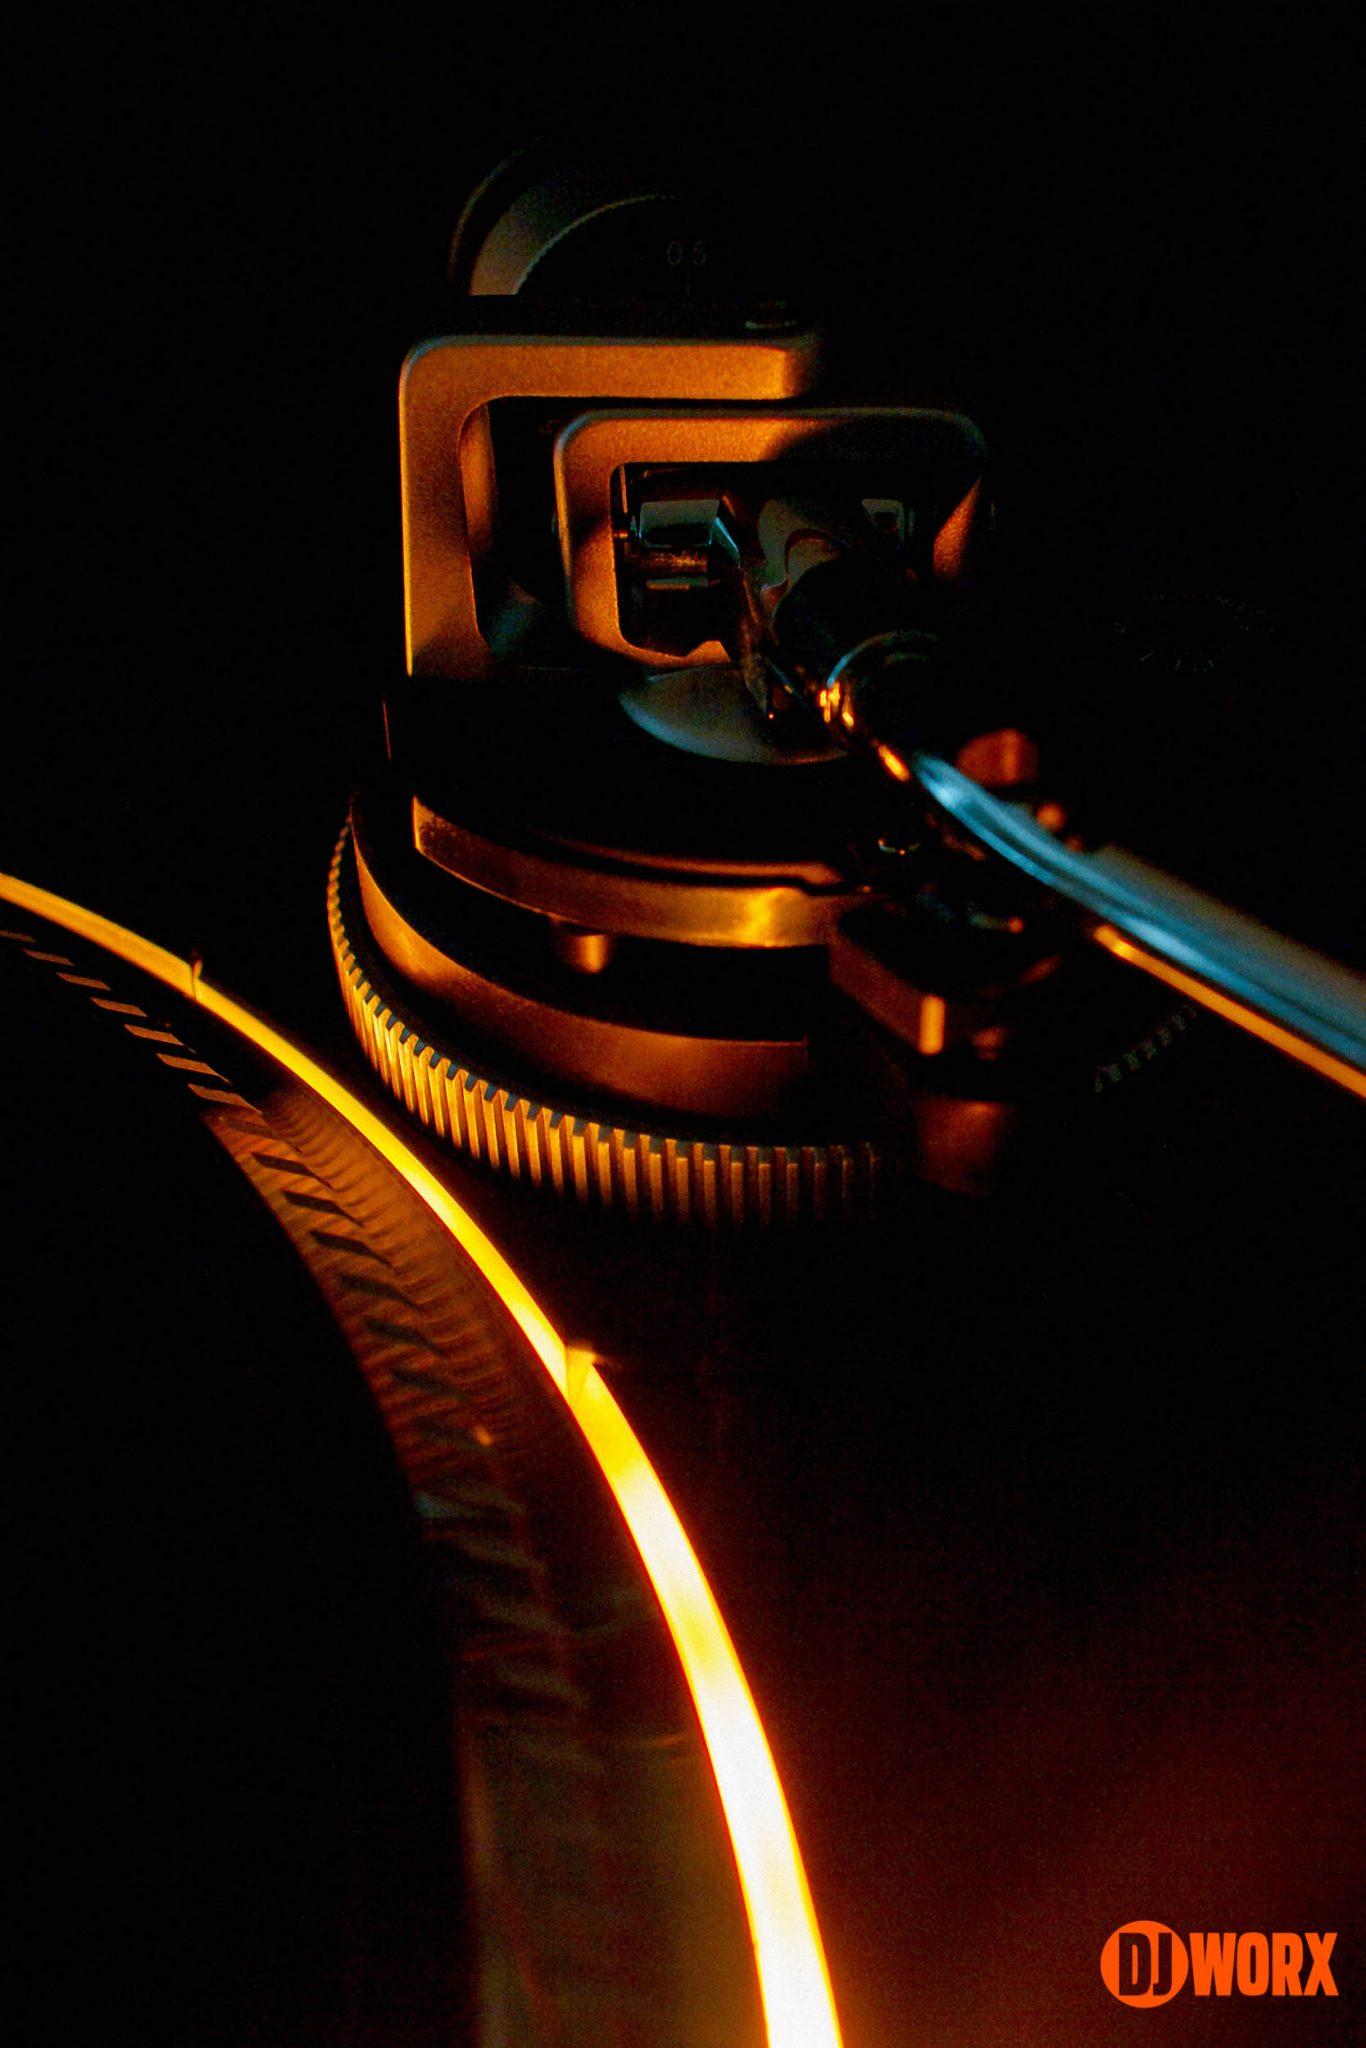 Denon DJ L12 Prime turntable review DJWORX (3)